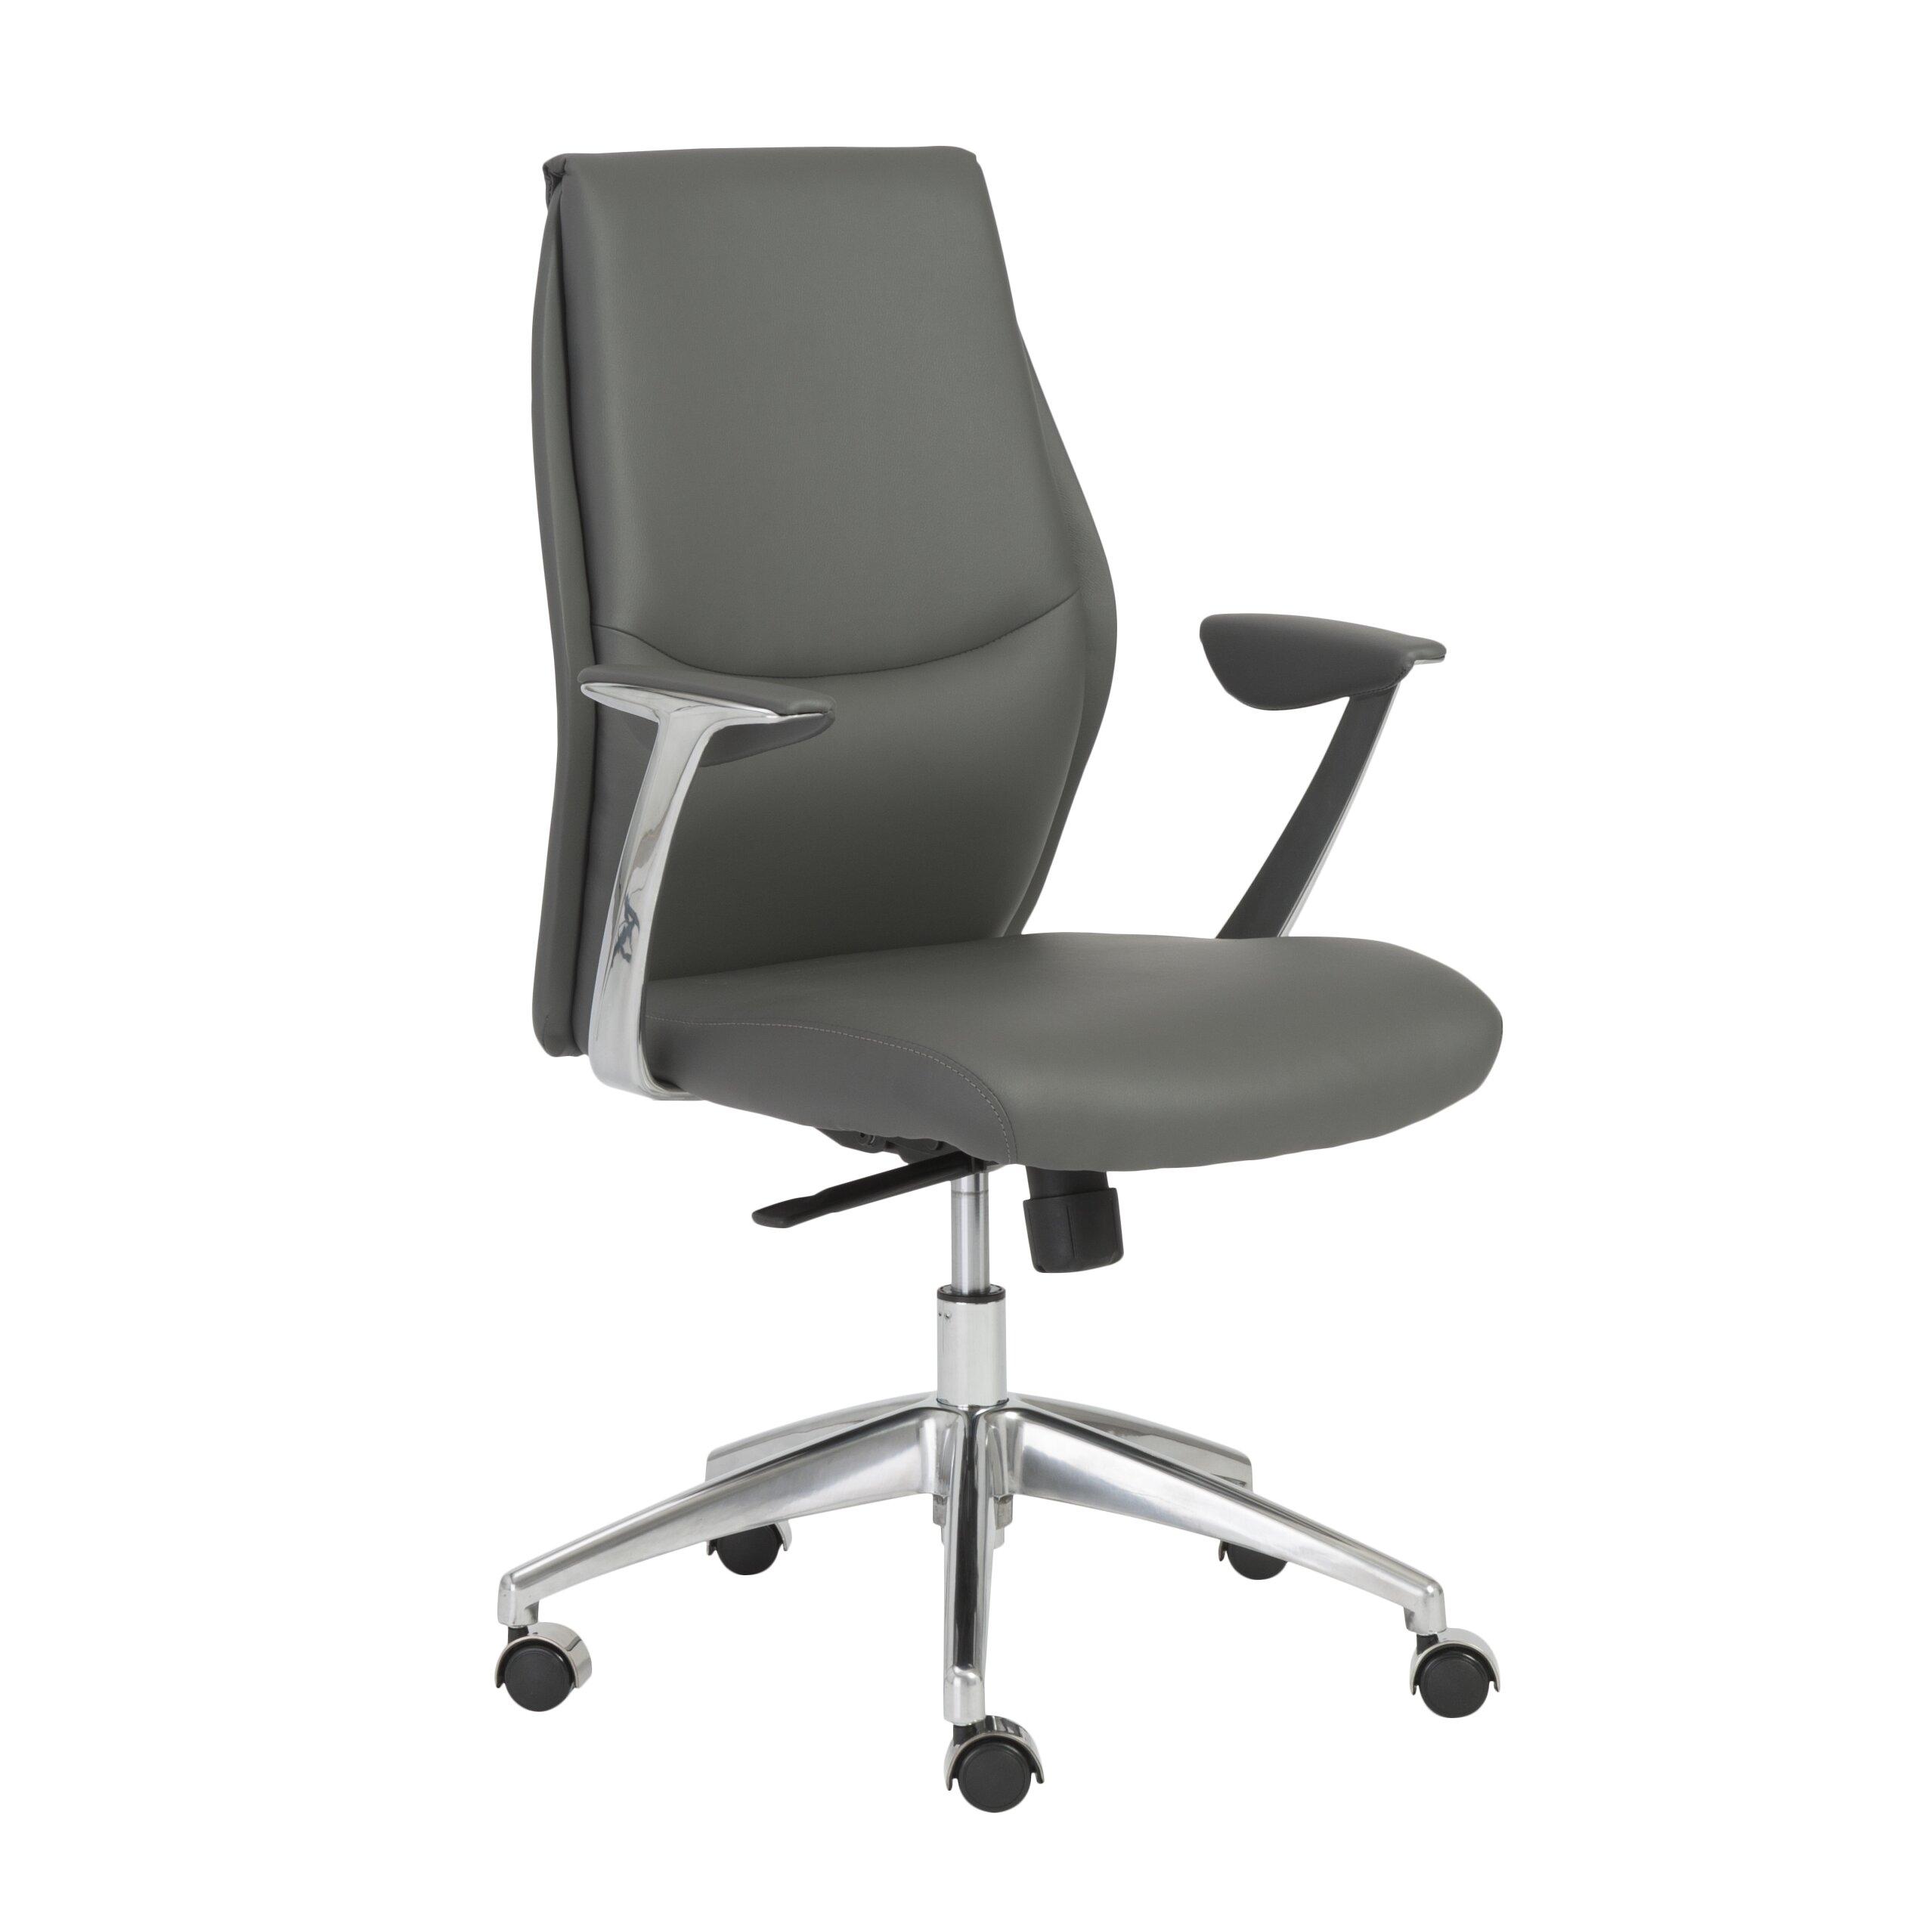 Wade Logan Waylon High Back Desk Chair Reviews Wayfair